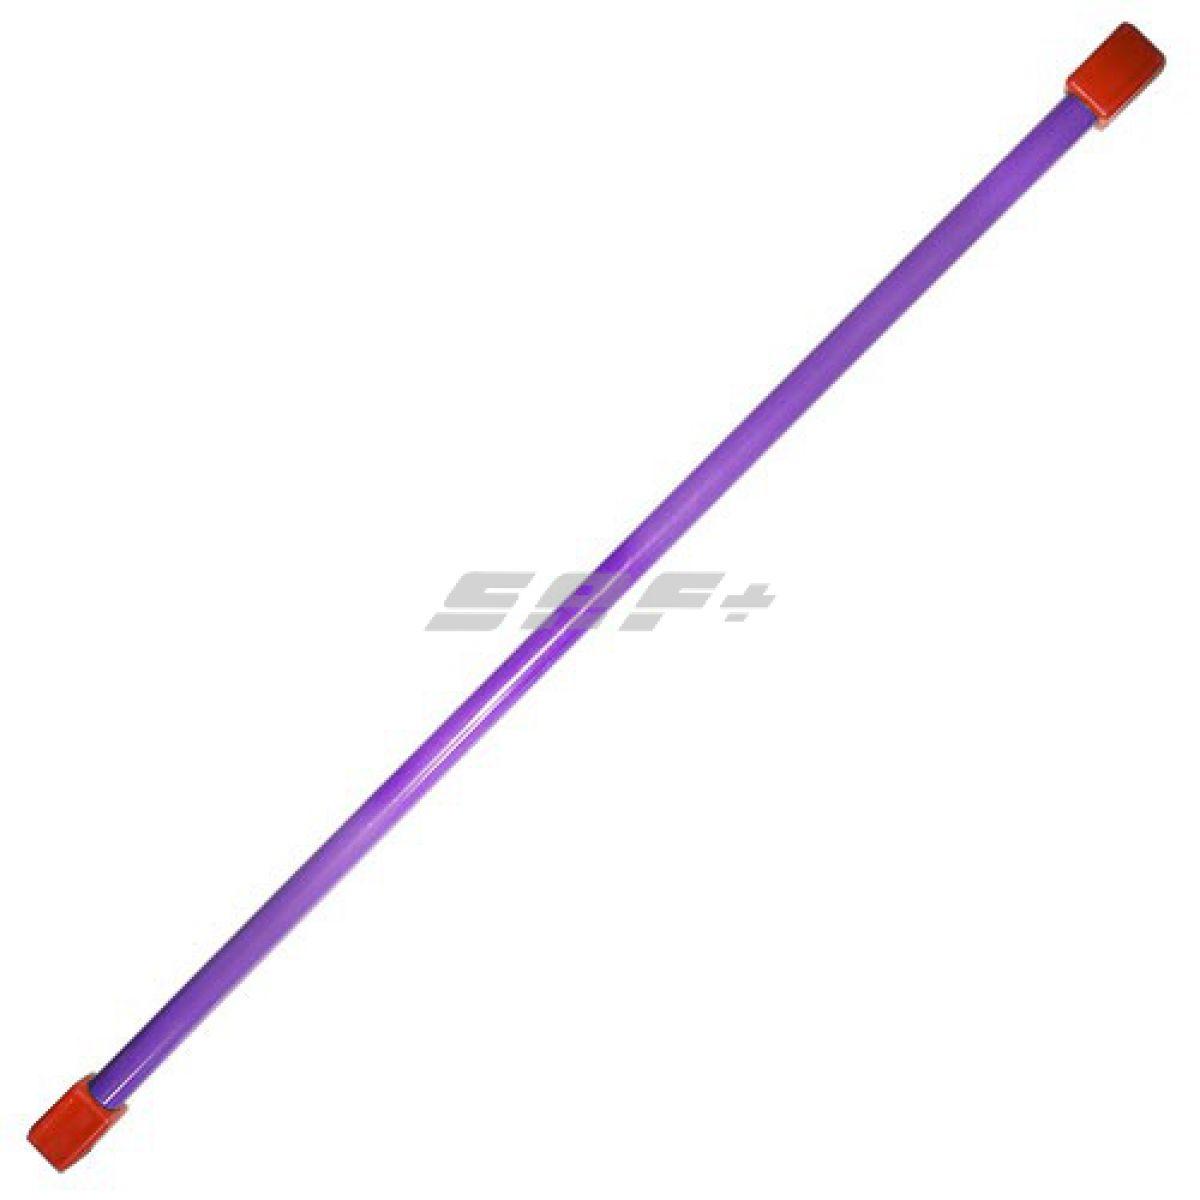 Гимнастическая палка (бодибар), 6кг, длина 120 см